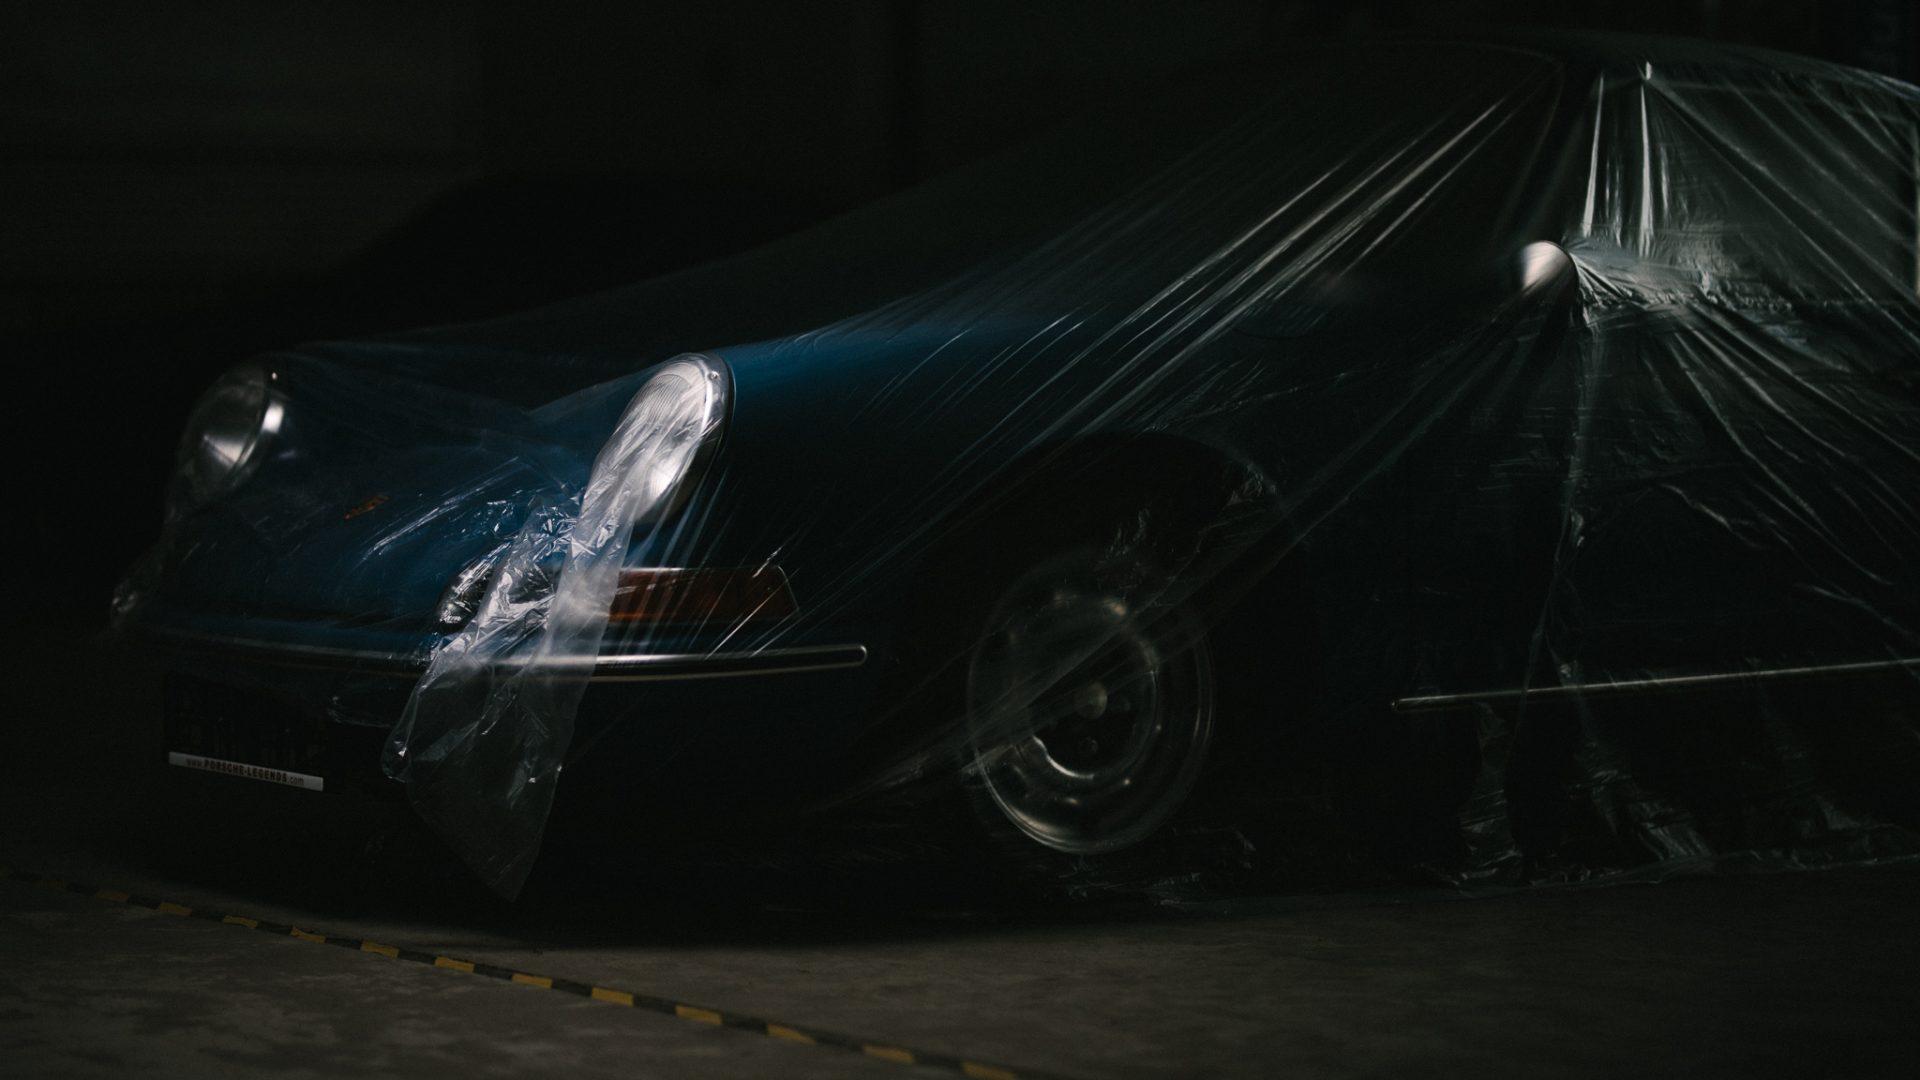 Blauer Porsche mit durchsichtiger Plane